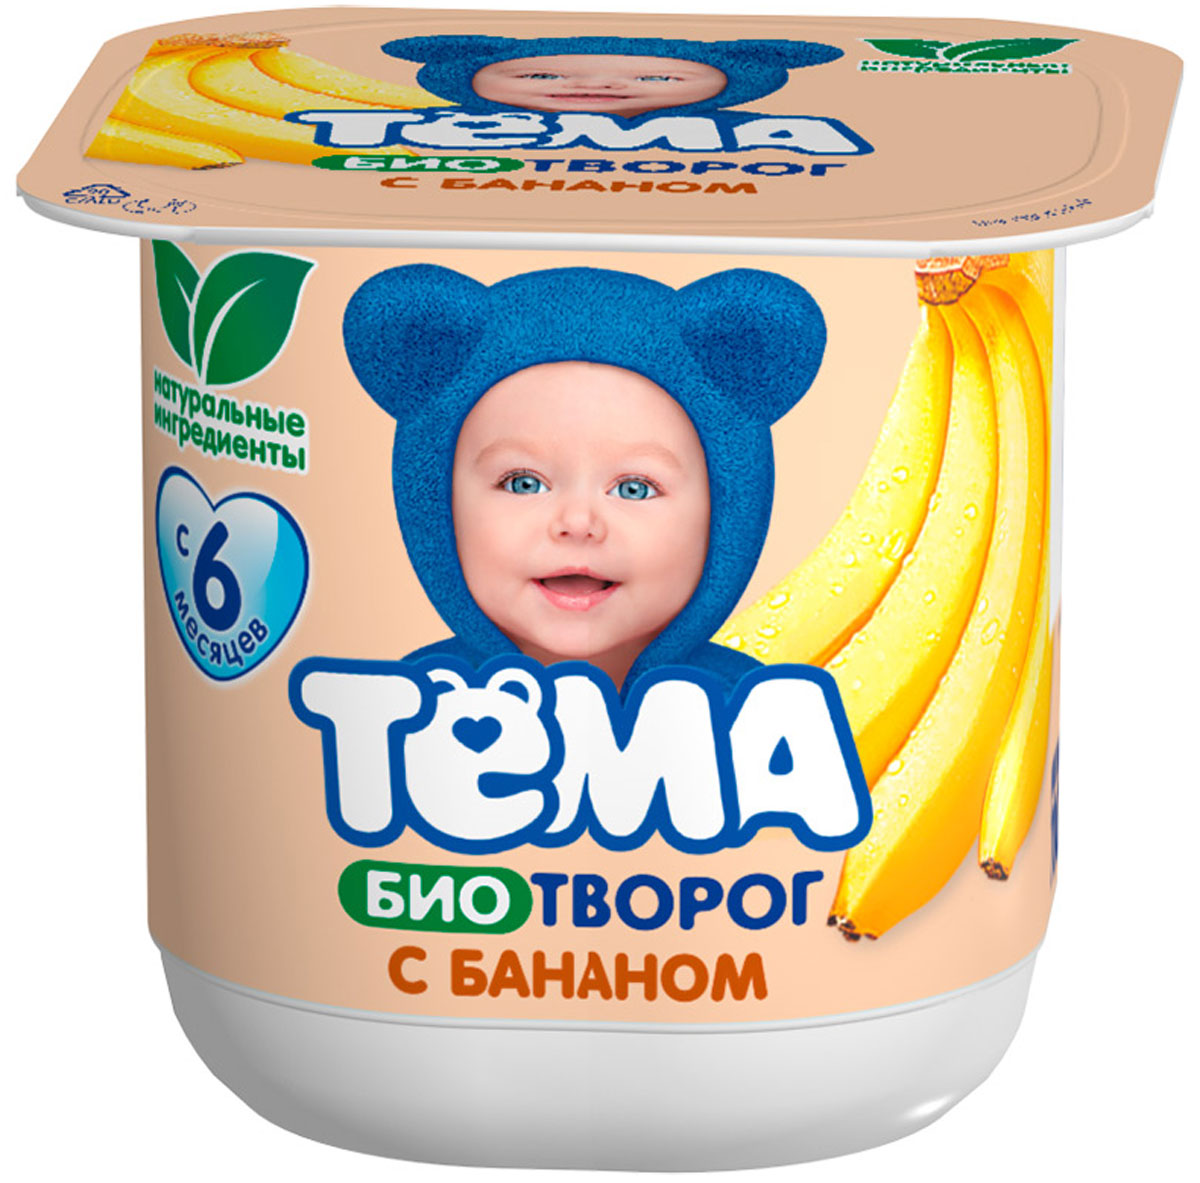 Тема Биотворог Банан 4,2%, 100 г биотворог тёма банан 4 2